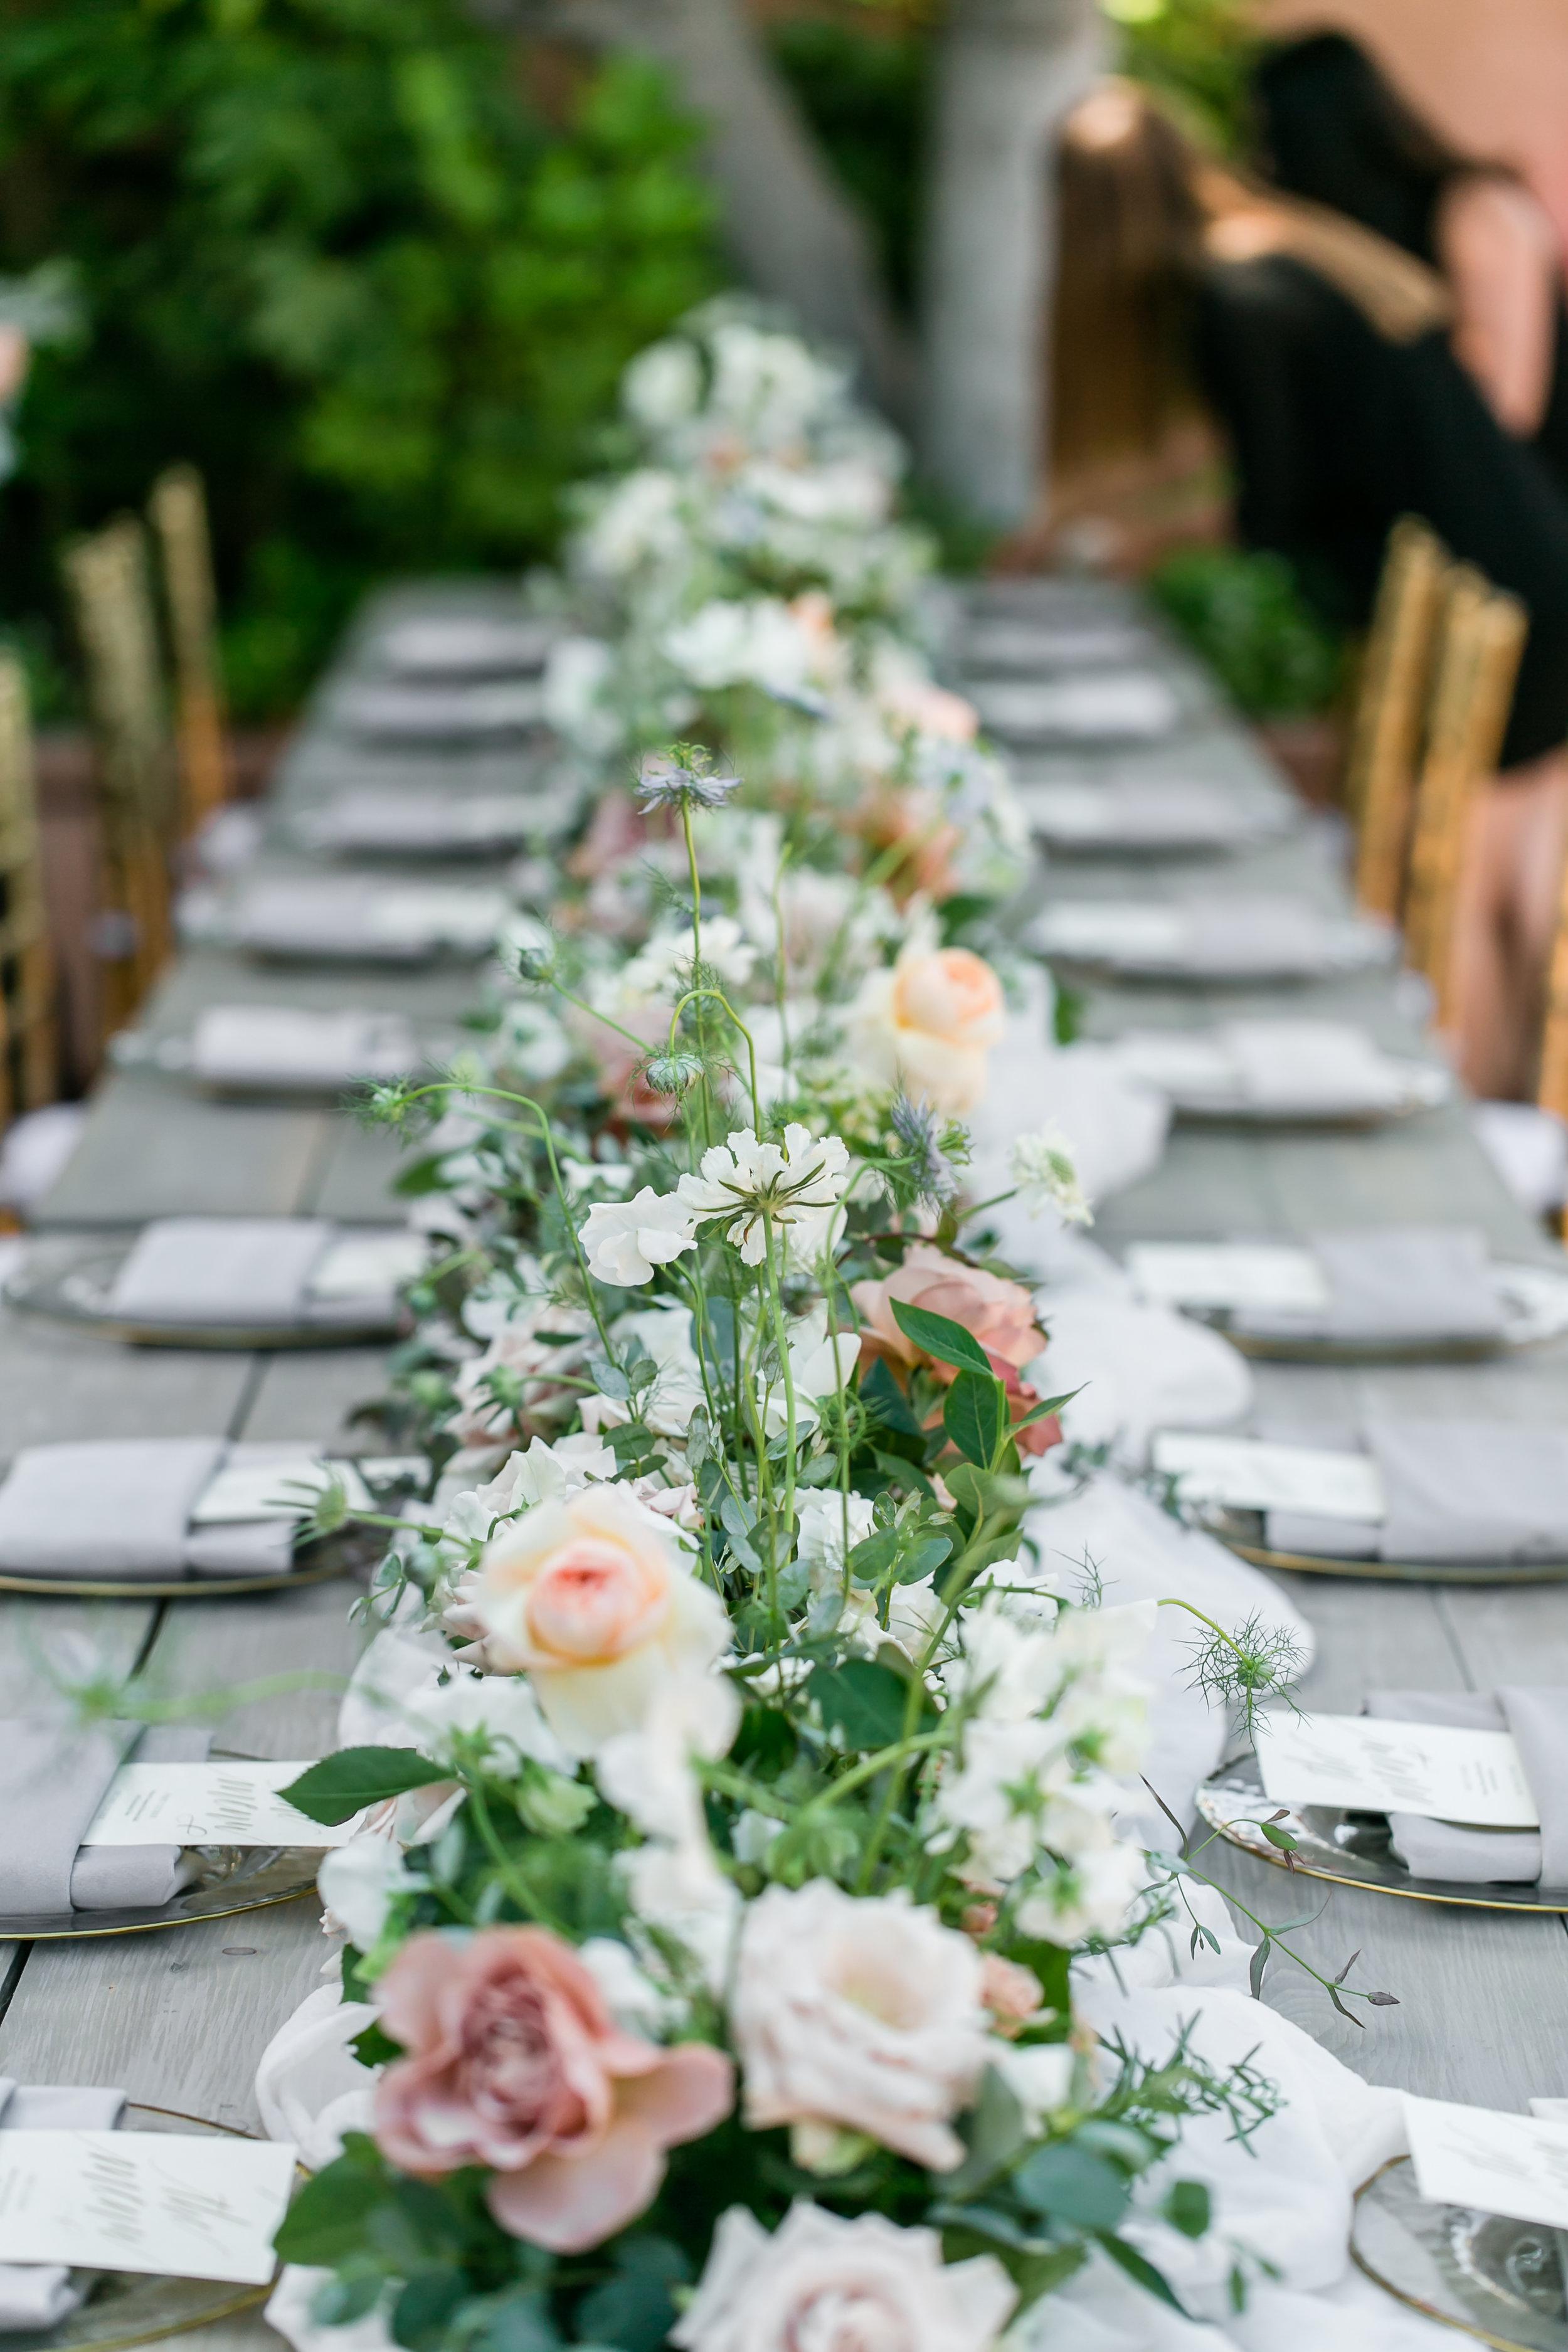 Julie_Ferneau-blooms-rancho-valencia-ribeau-wedding-rancho-santa-fe-luxury-garden-wedding-8.jpg